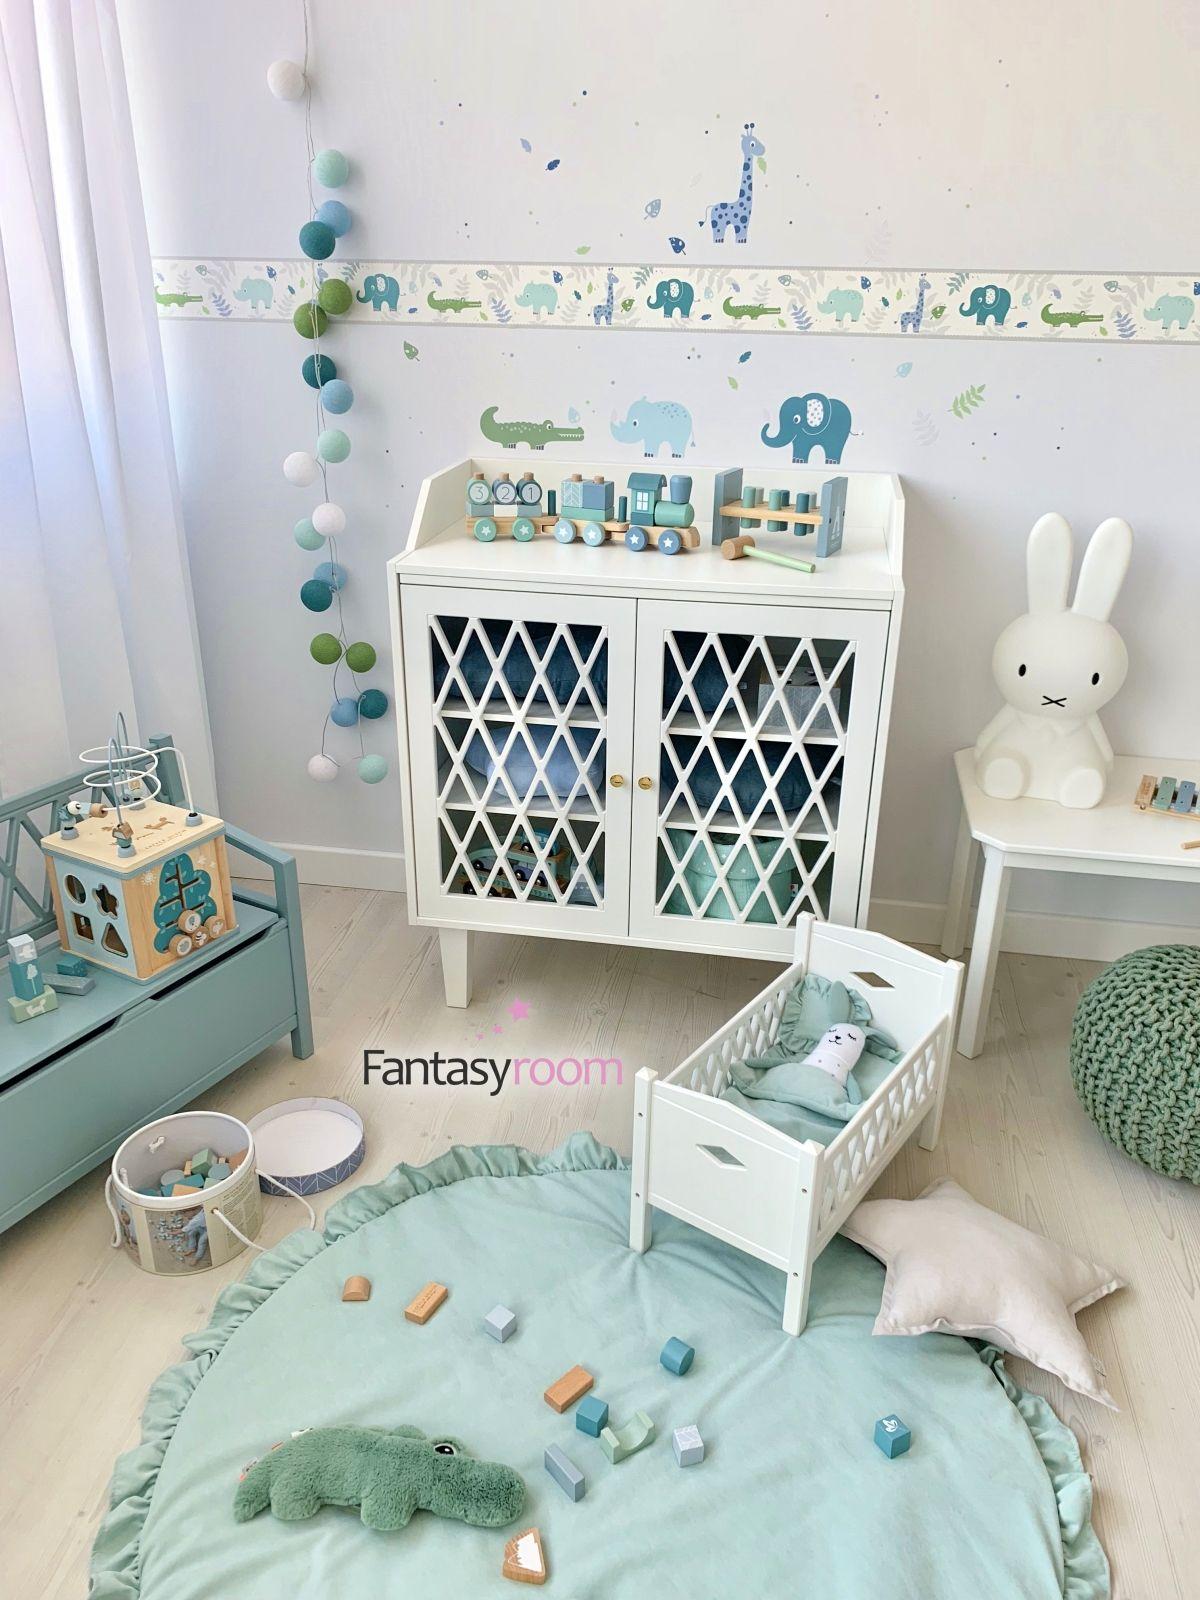 Jungenzimmer Mit Safaritieren In Blau Mint Bei Fantasyroom Online